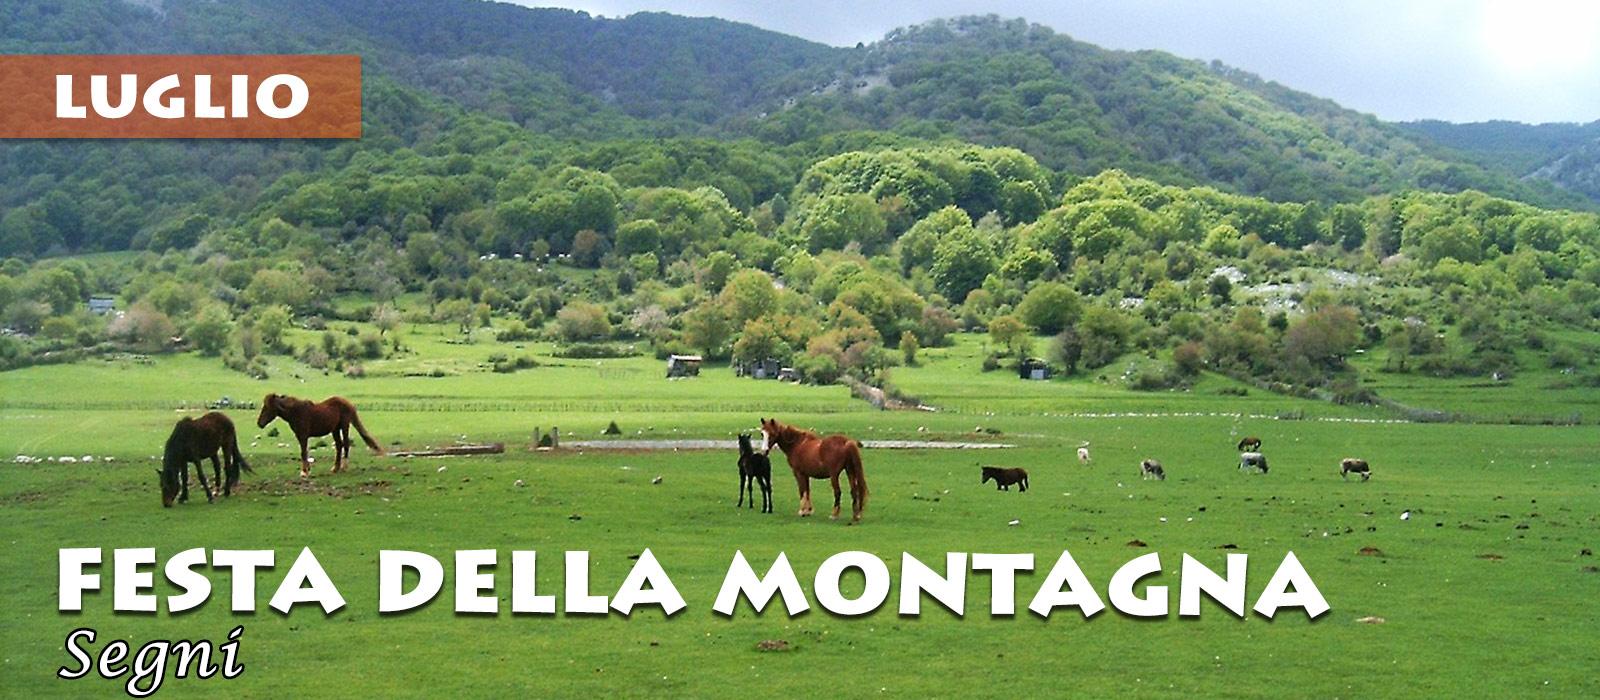 festa-della-montagna-segni